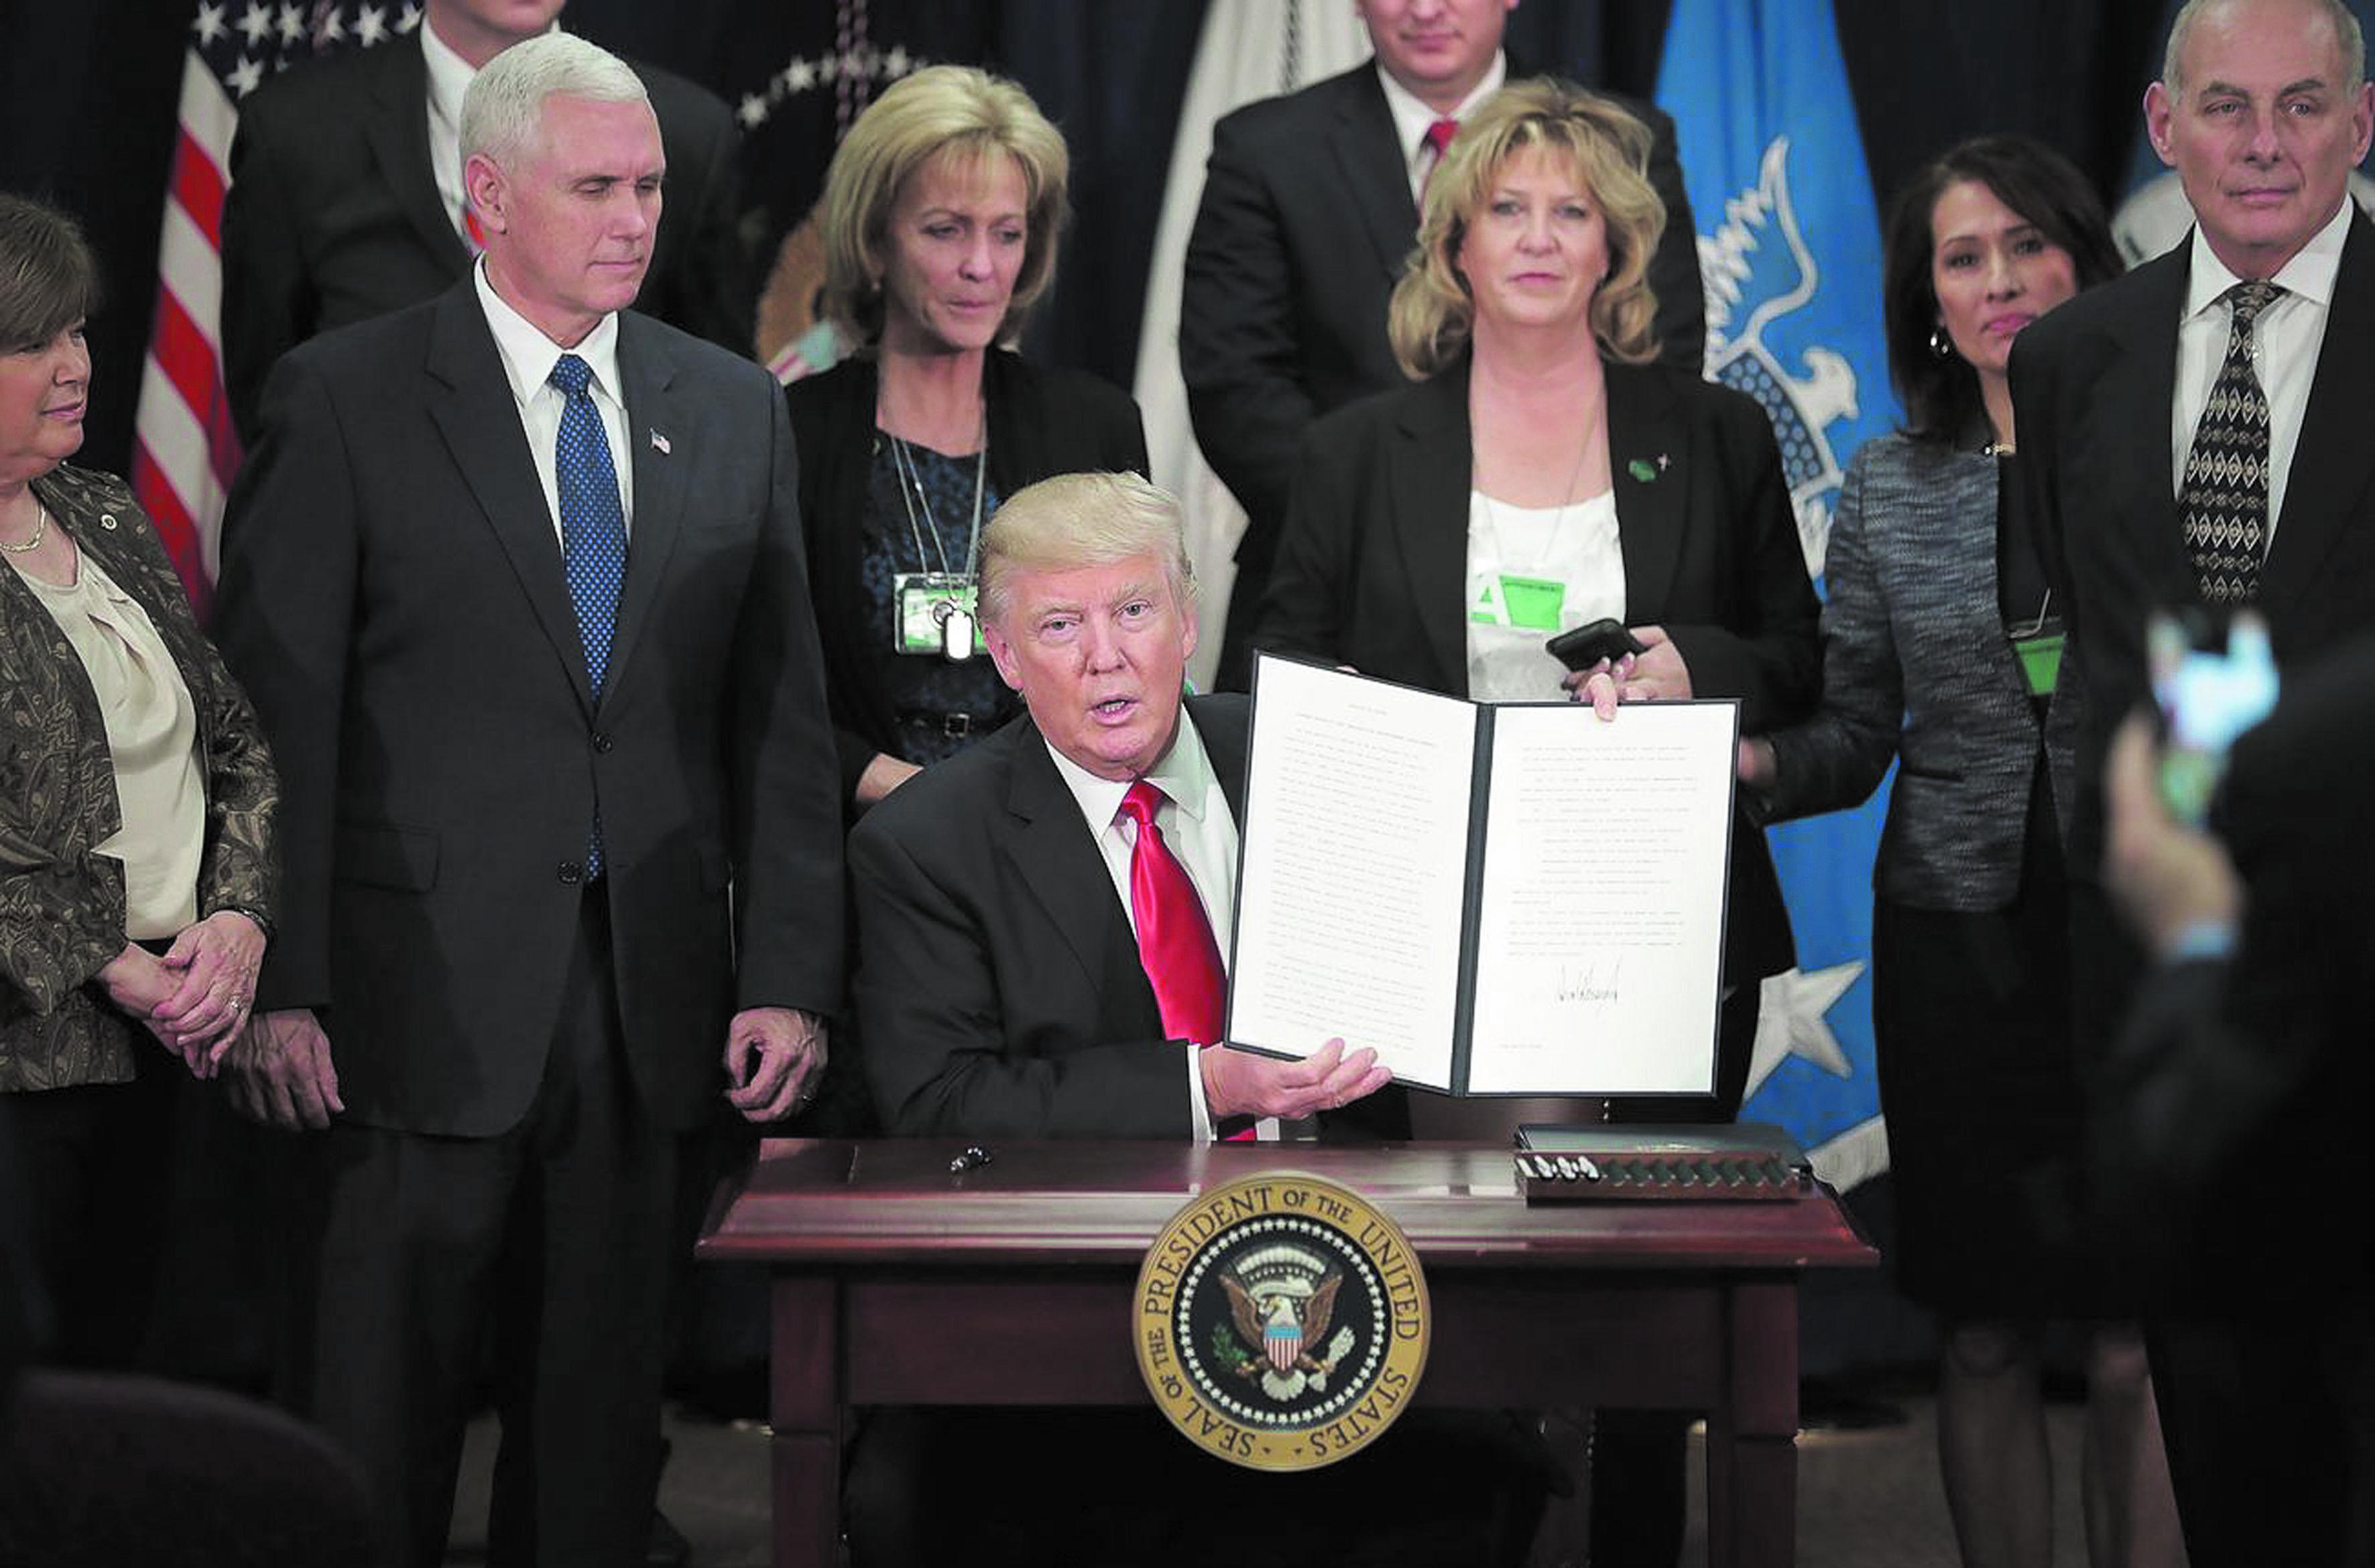 Rejet d'un recours contre le blocage du décret migratoire de Trump